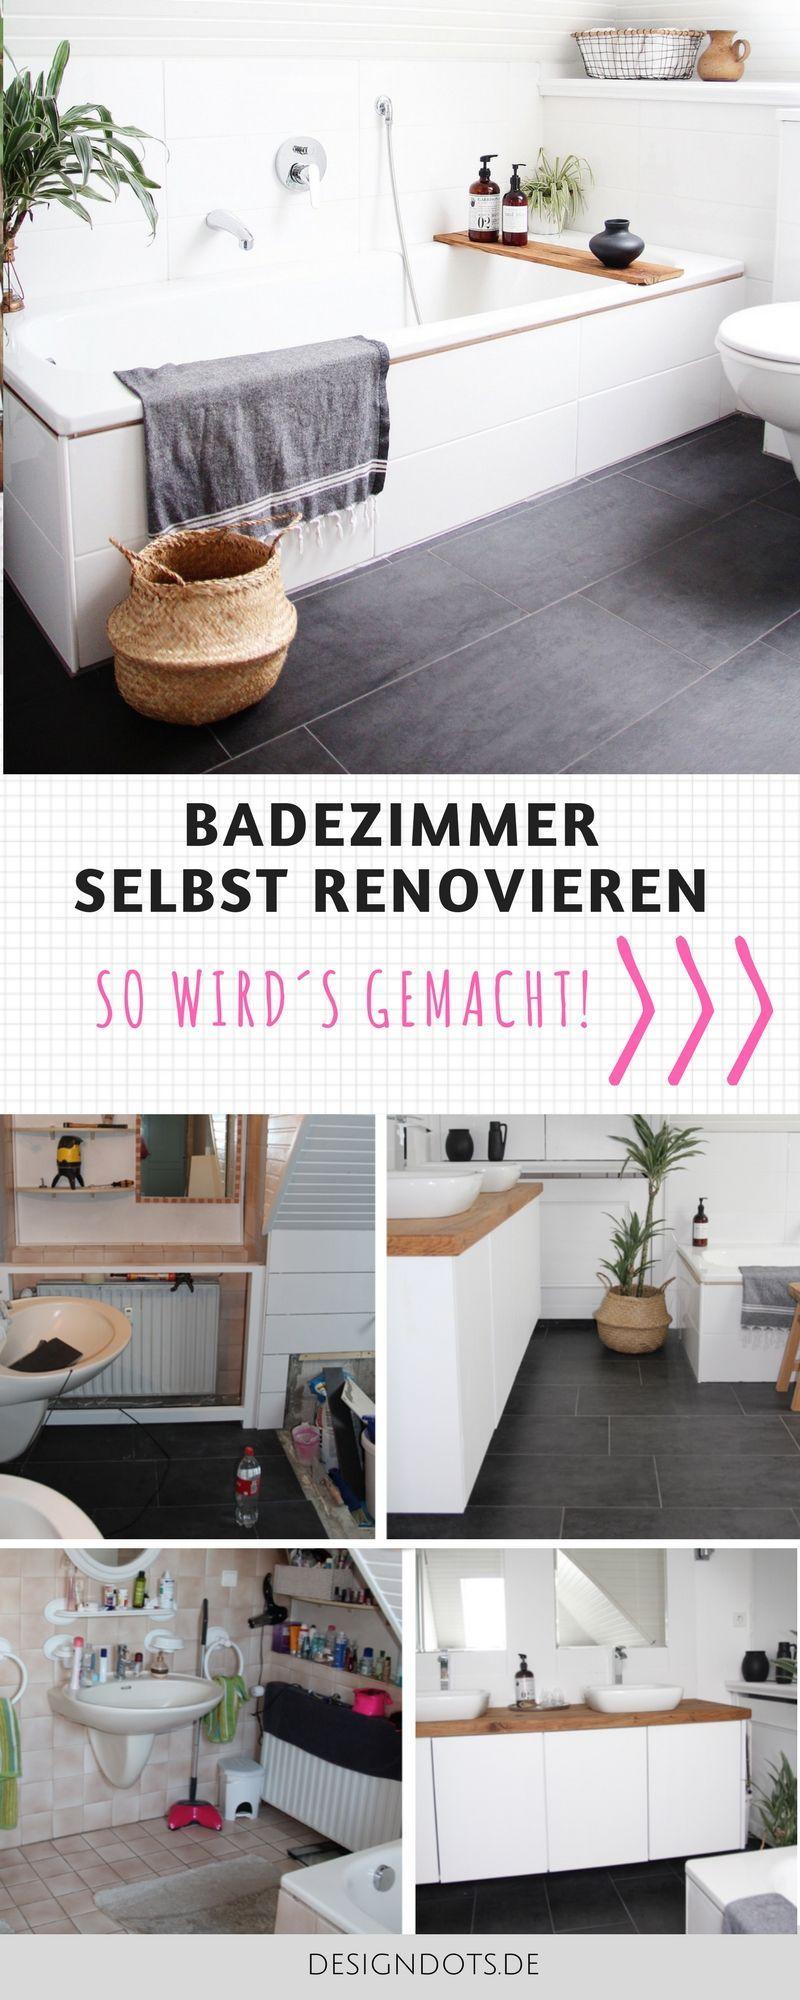 Kleine Badezimmer Renovieren Ideen Kleine Badezimmer Design Moderne Kleine Badezimmer Kleine Badezimmer